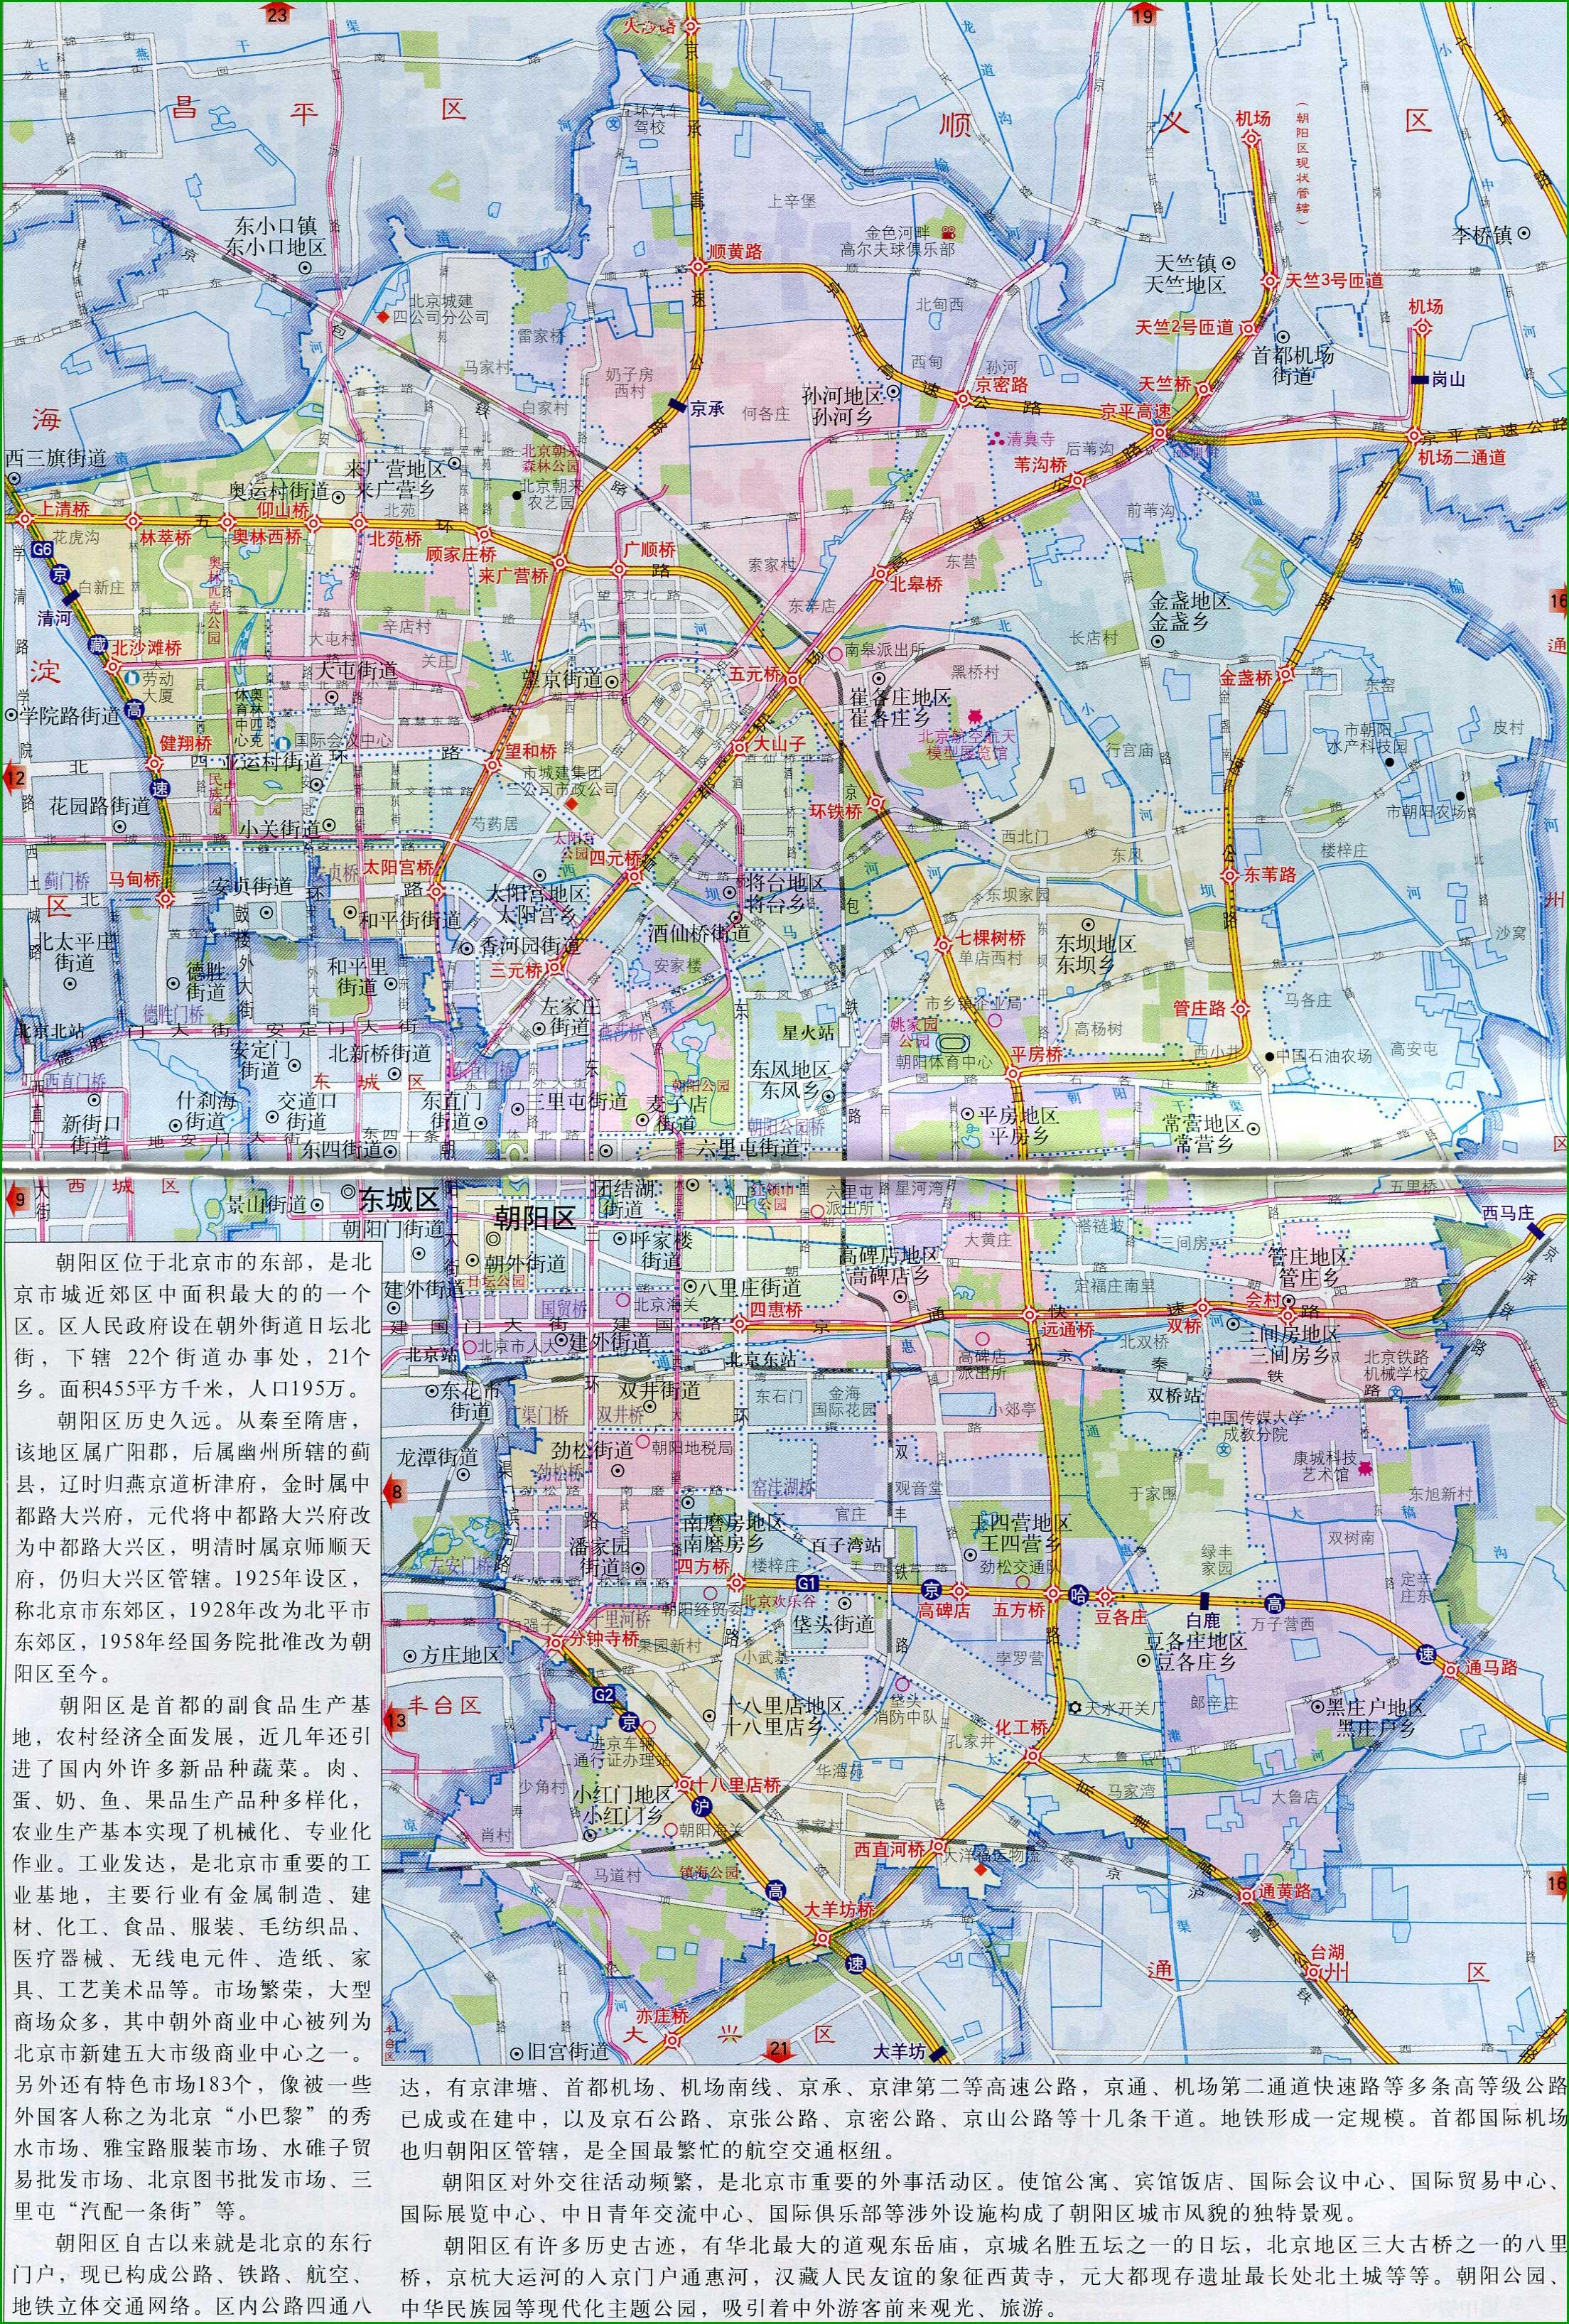 2014年北京市朝阳区卫生局事业单位招聘报名时间和地点在哪?